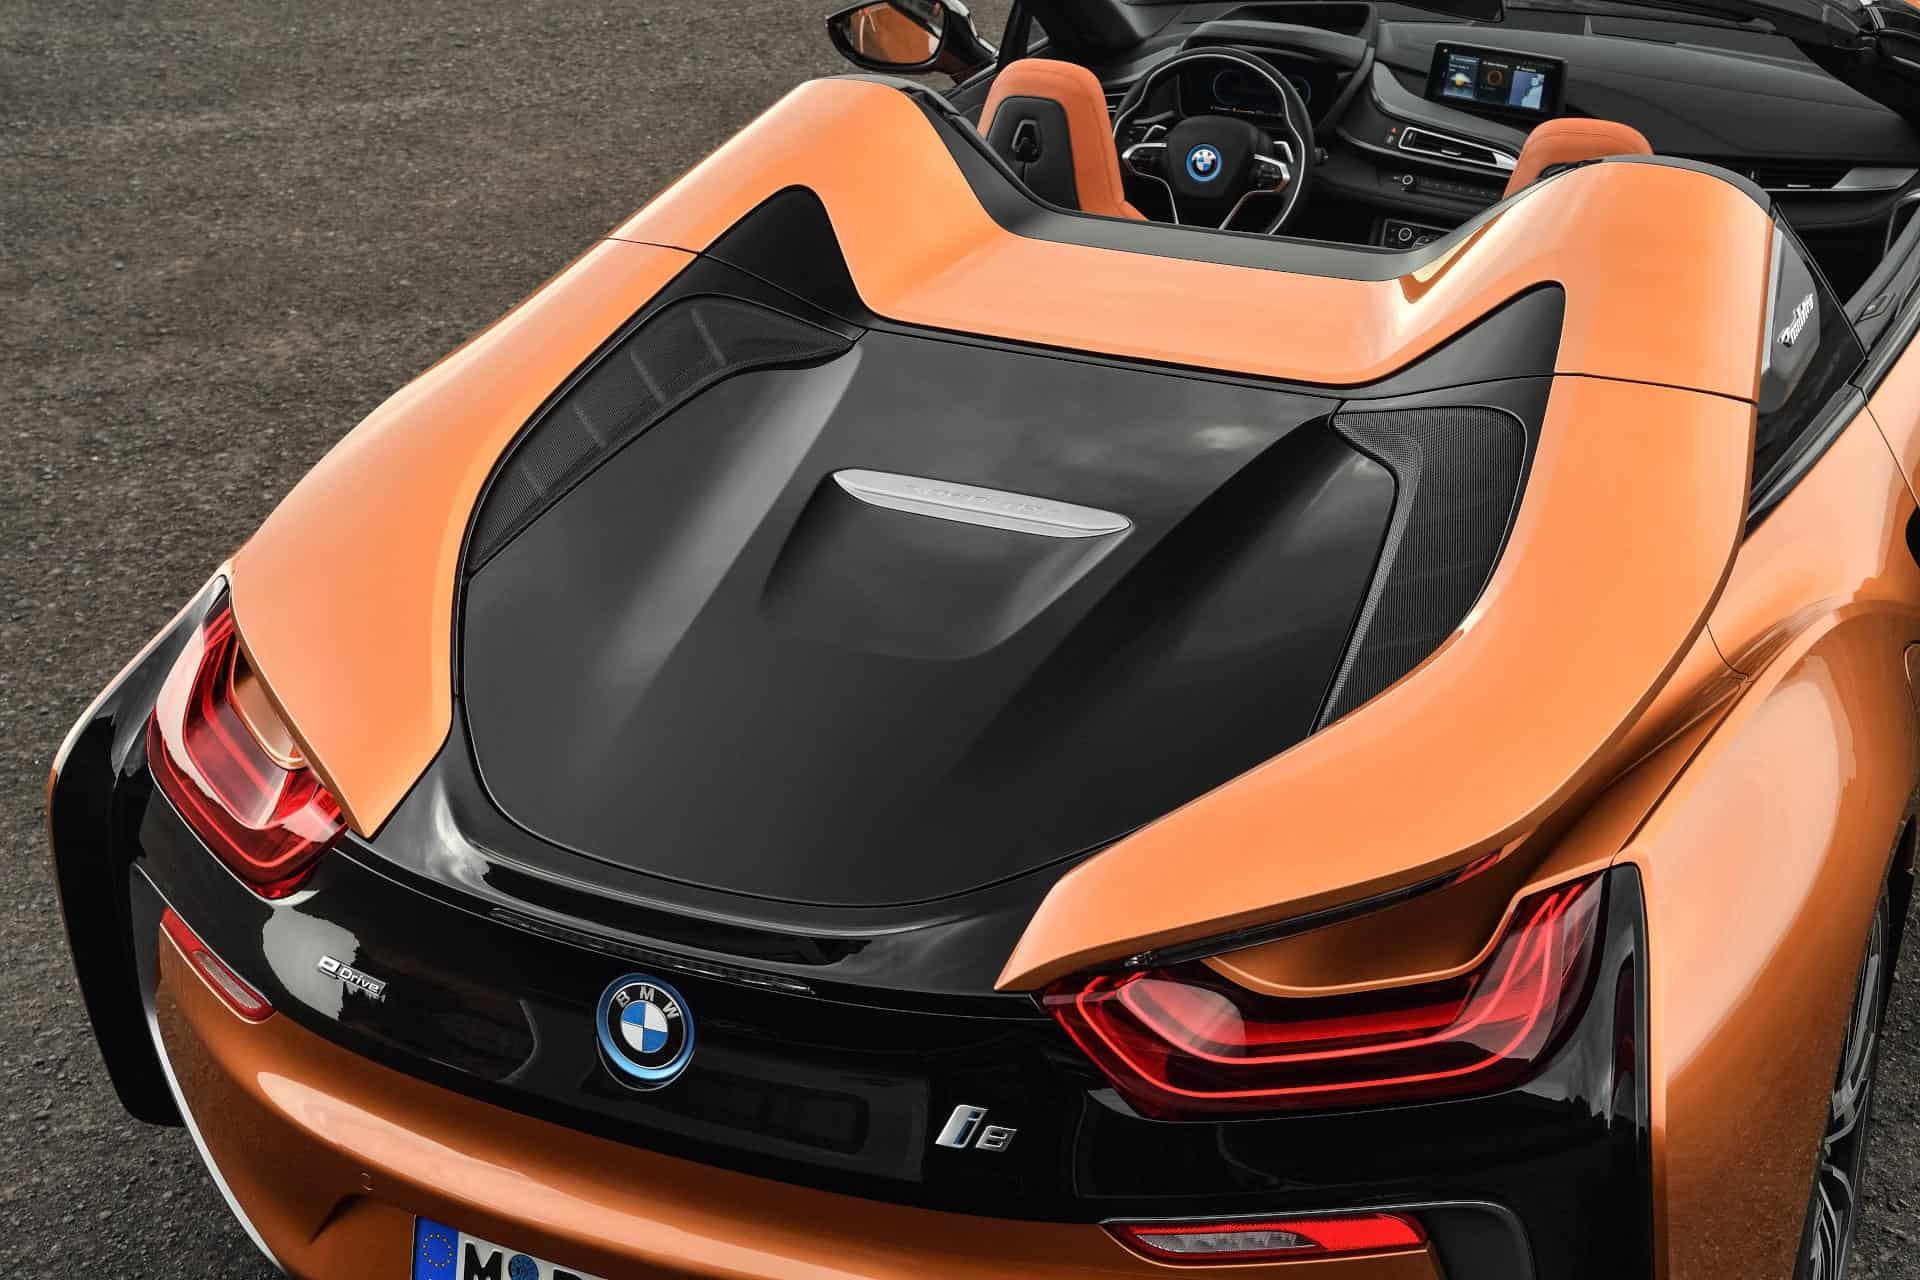 BMWi8 Roadster rear view